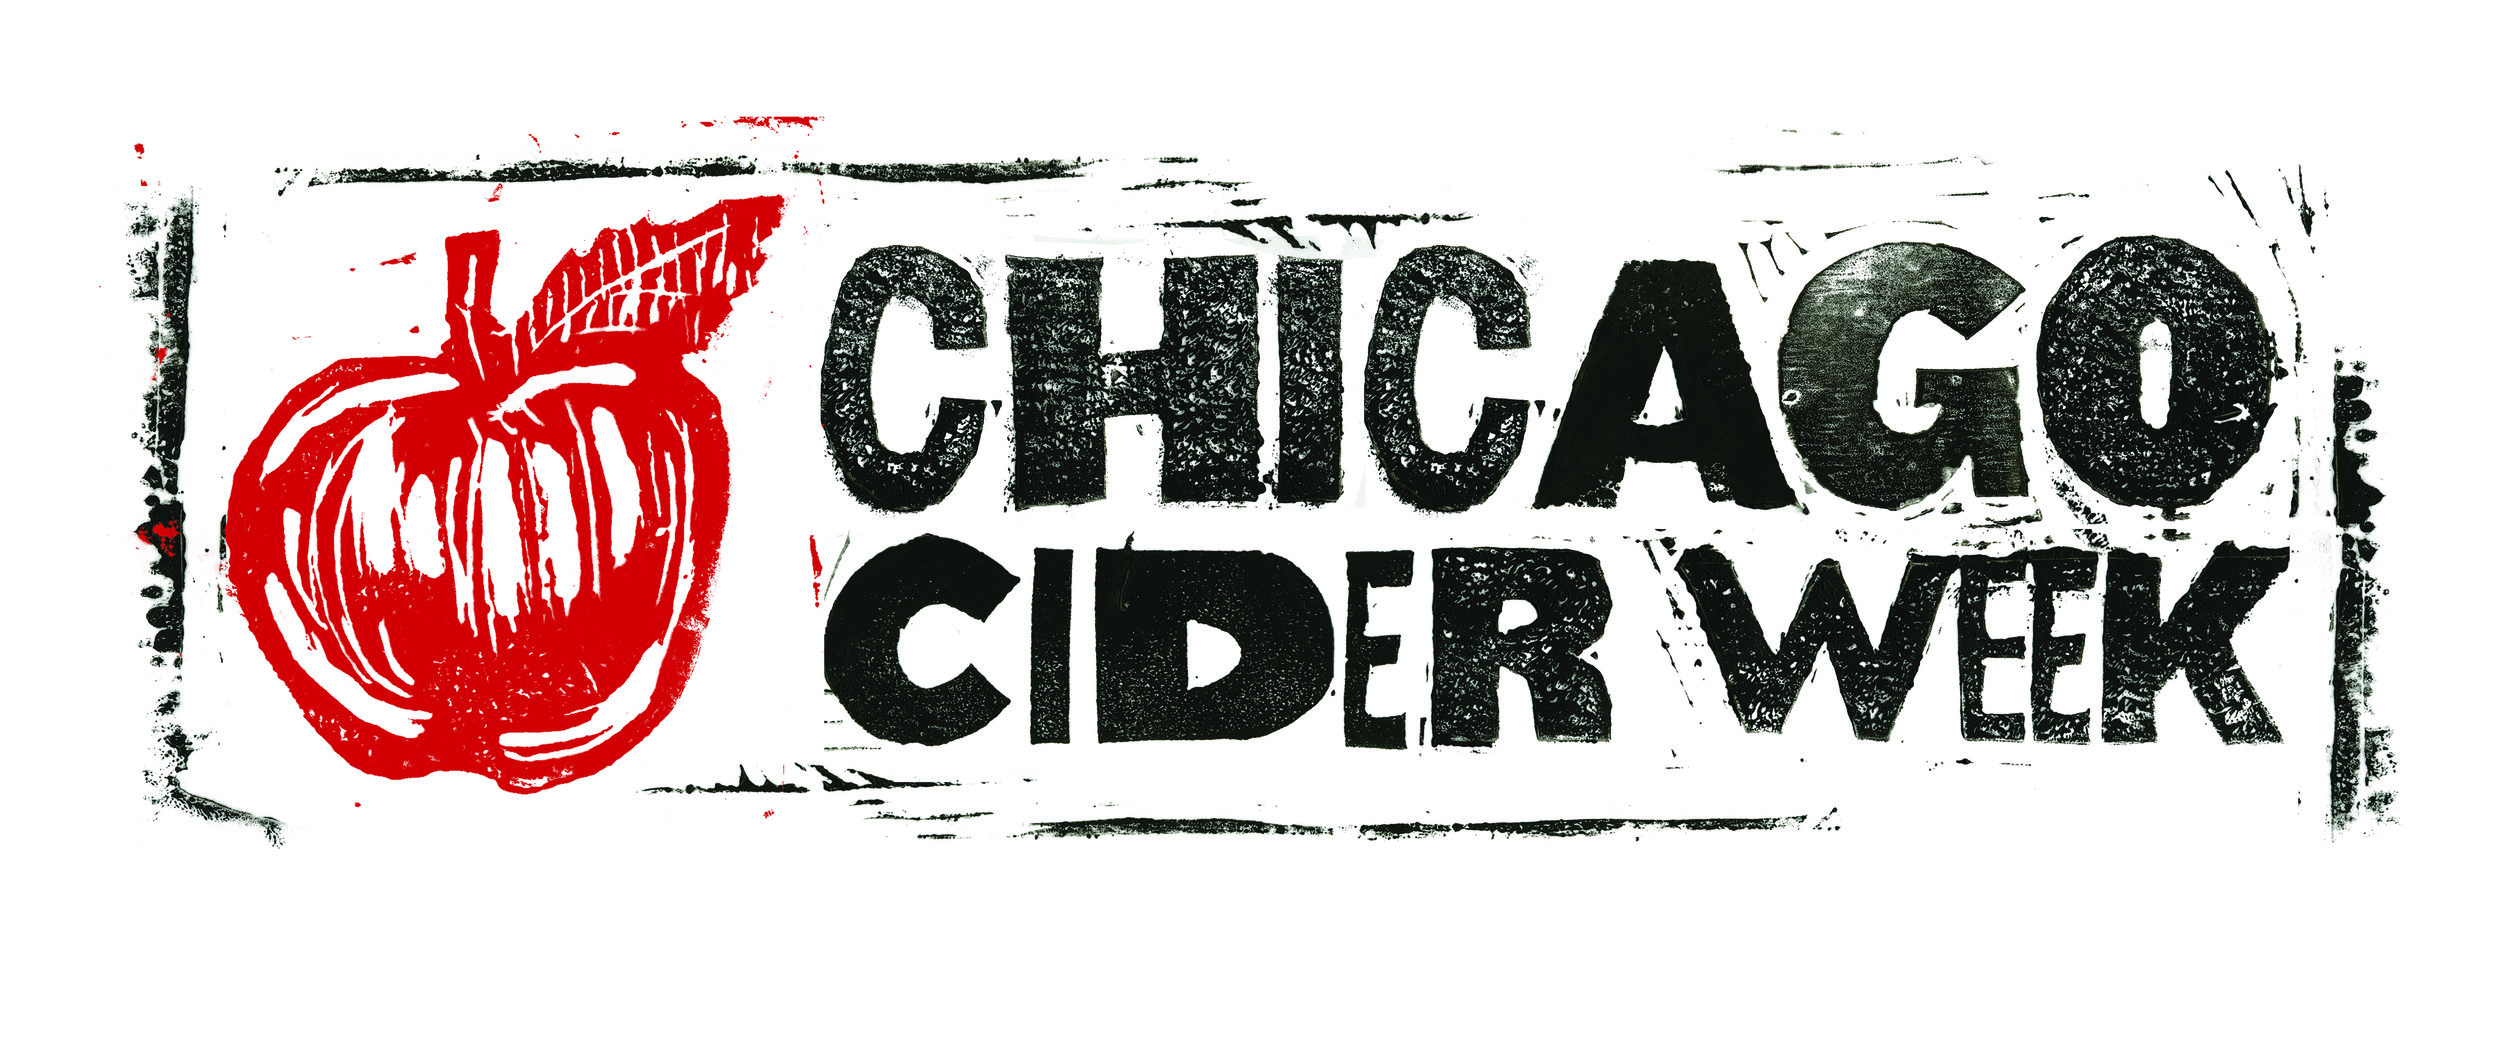 CHICAGO_CIDER_WEEK_CMYK.jpg